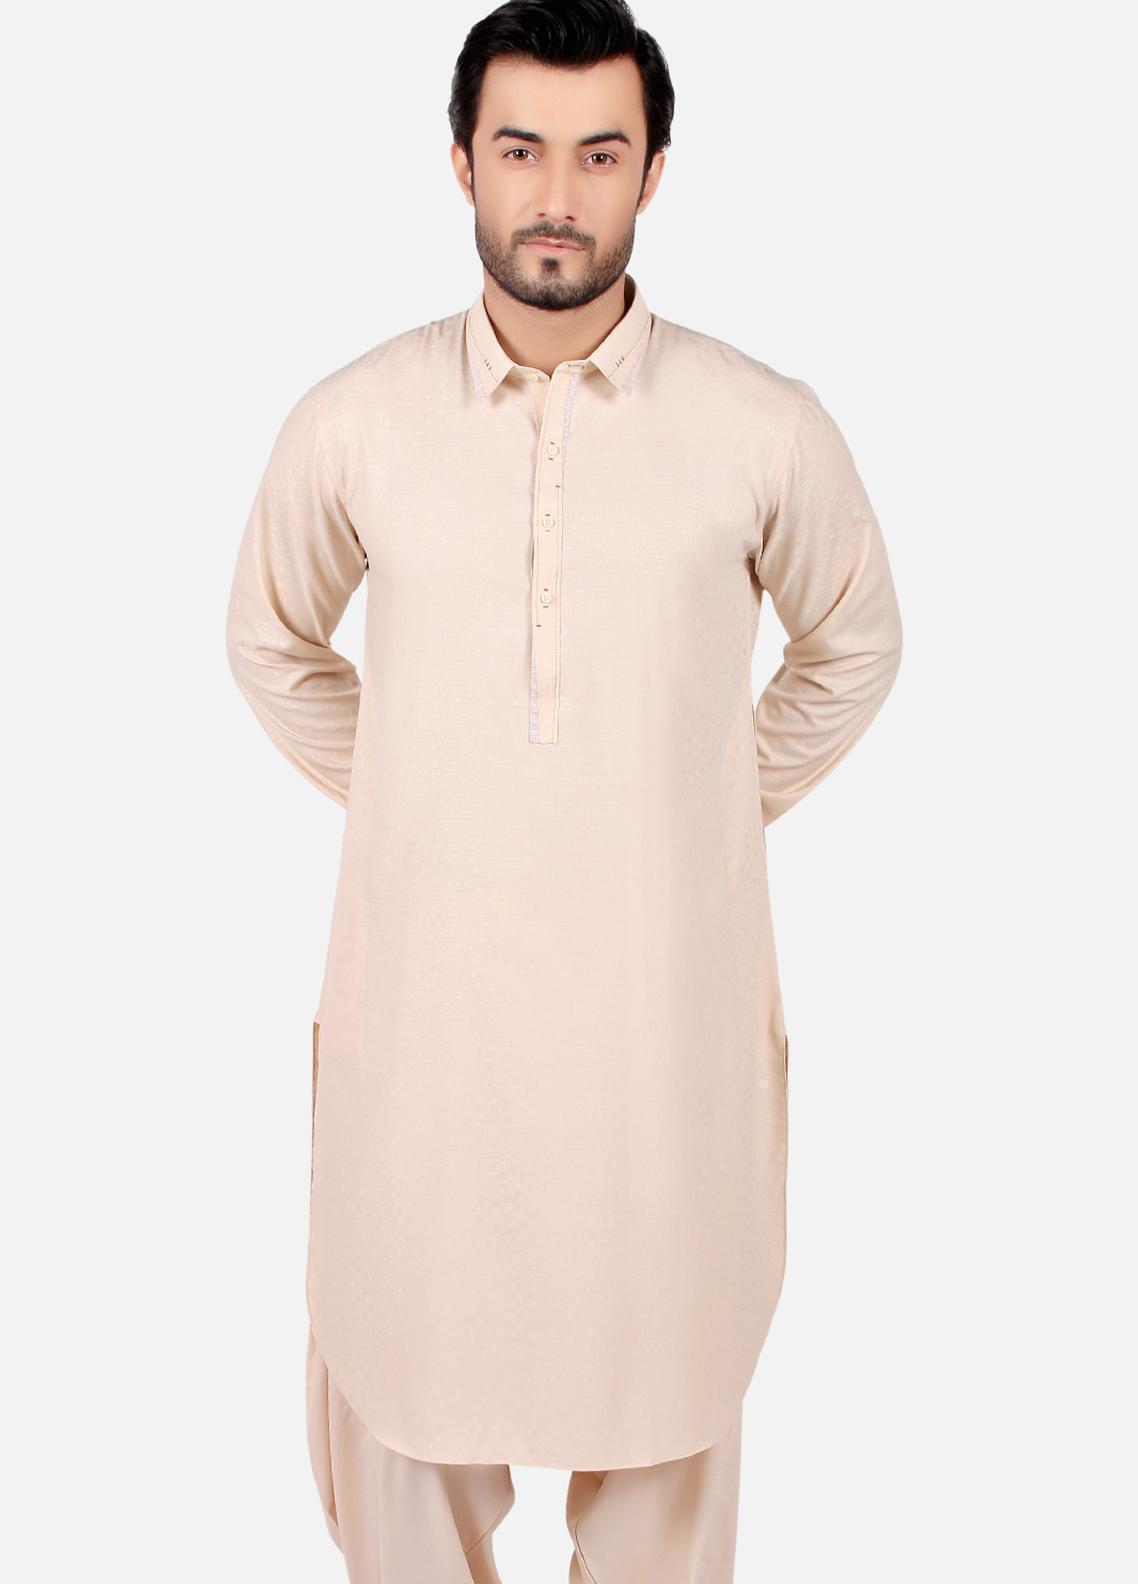 Edenrobe Wash N Wear Formal Men Kameez Shalwar - Fawn EMTSW19S-9765